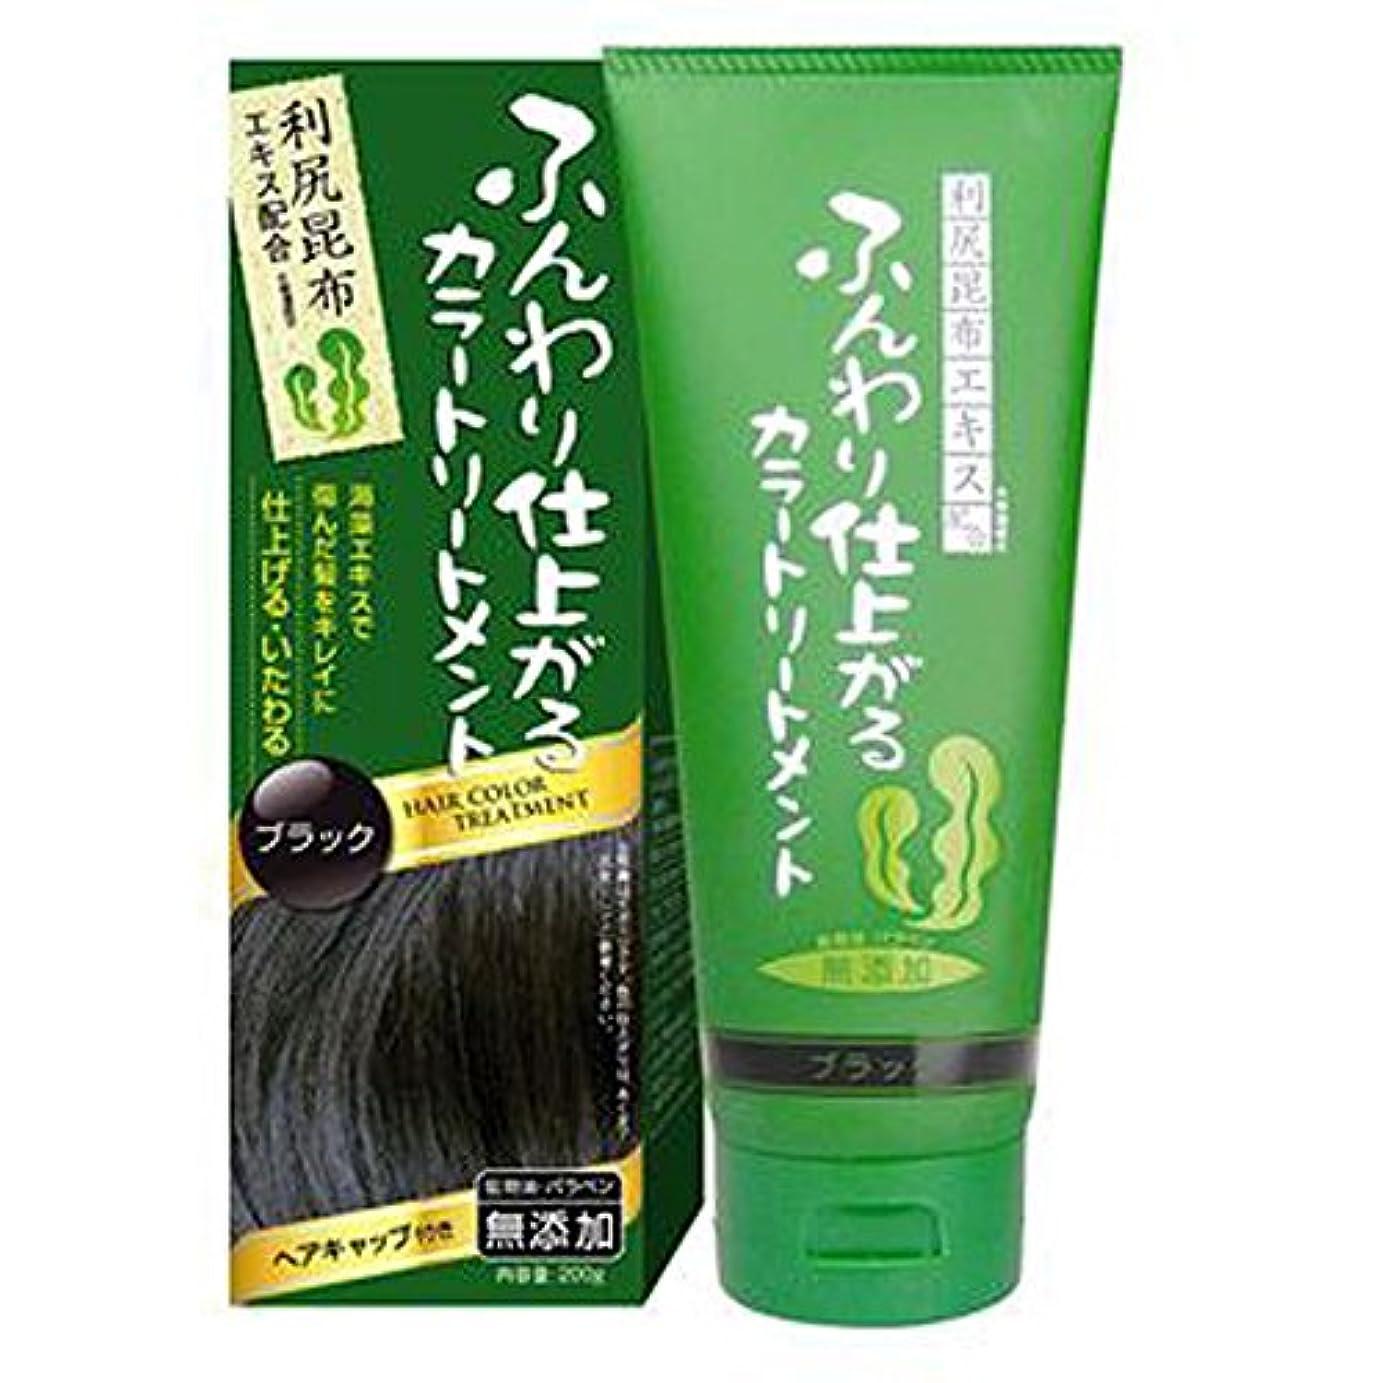 過去カウンターパート思い出ふんわり仕上がるカラートリートメント 白髪 染め 保湿 利尻昆布エキス配合 ヘアカラー (200g ブラック) rishiri-haircolor-200g-blk